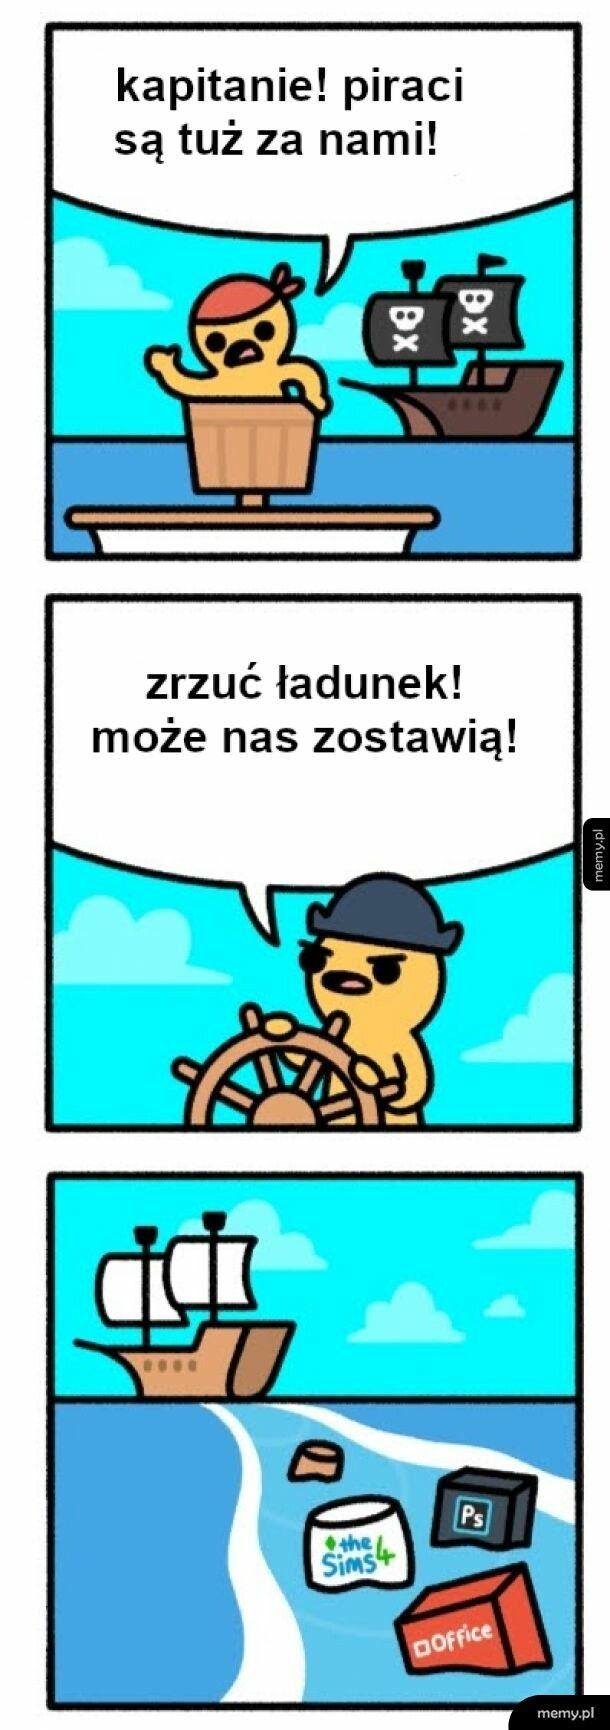 Piraci robią źle